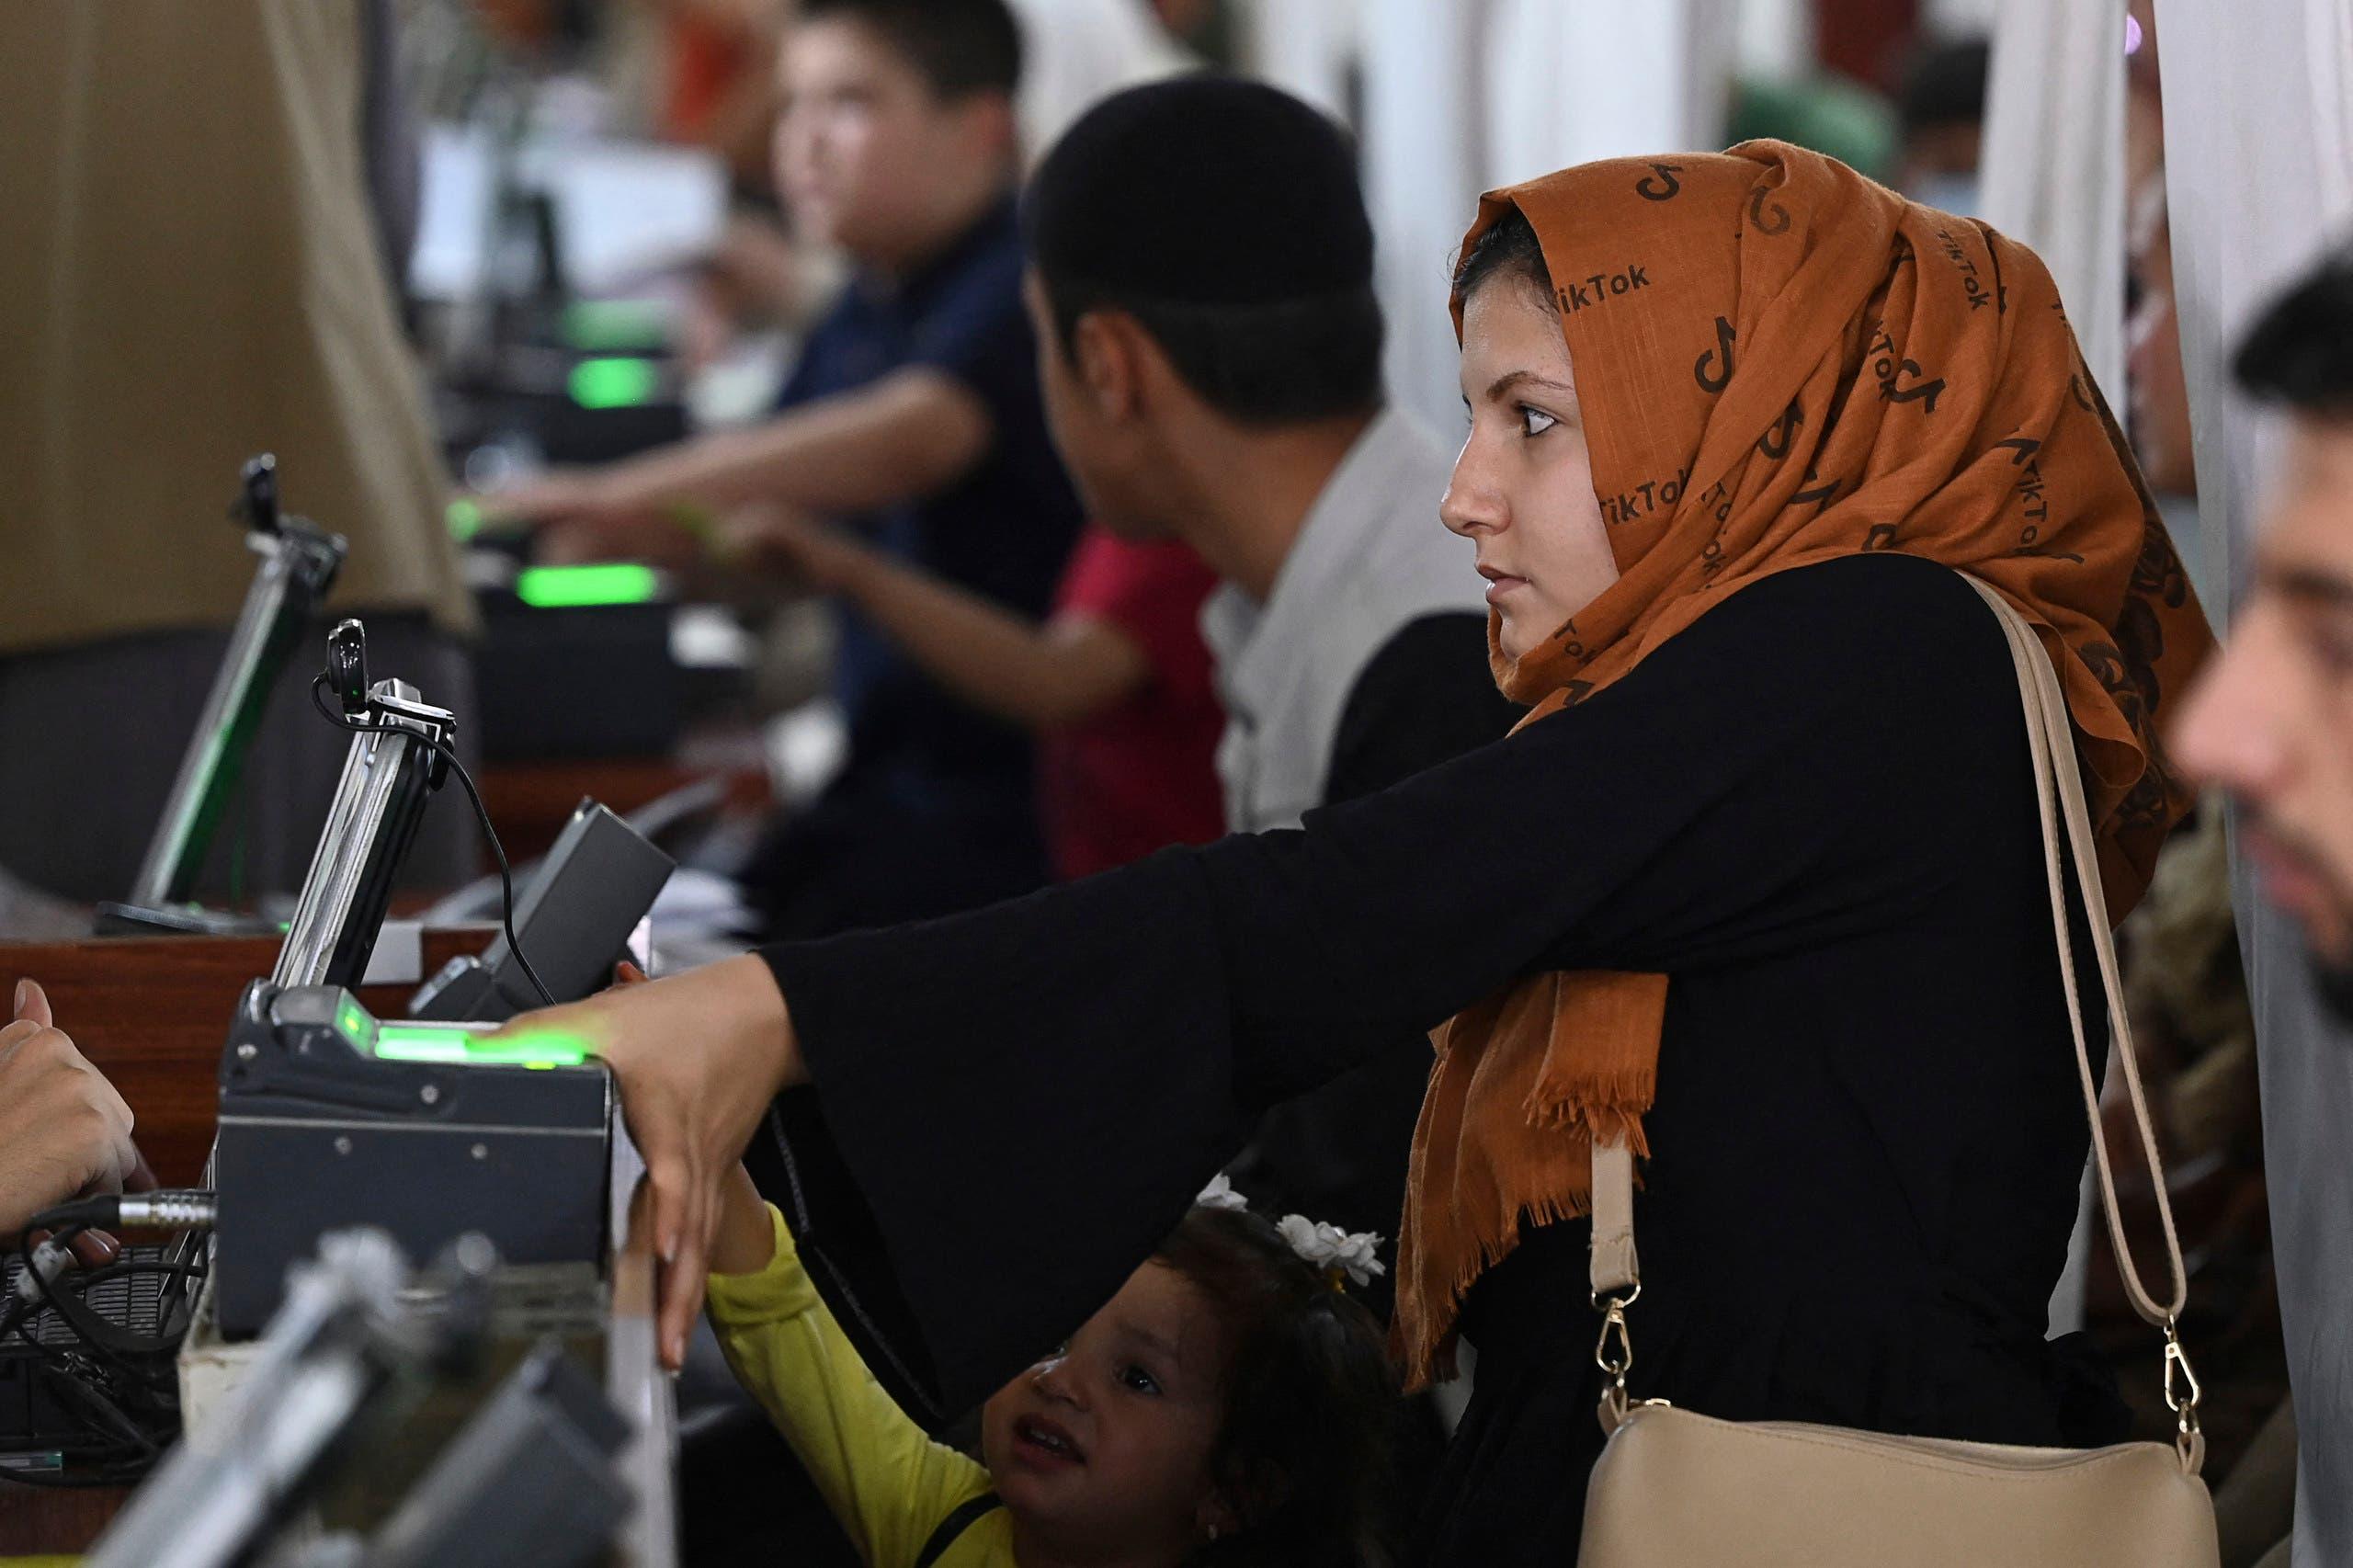 سيدة أفغانية تعطي بصماتها للحصول على جواز سفر وسط تقدم طالبان في البلاد